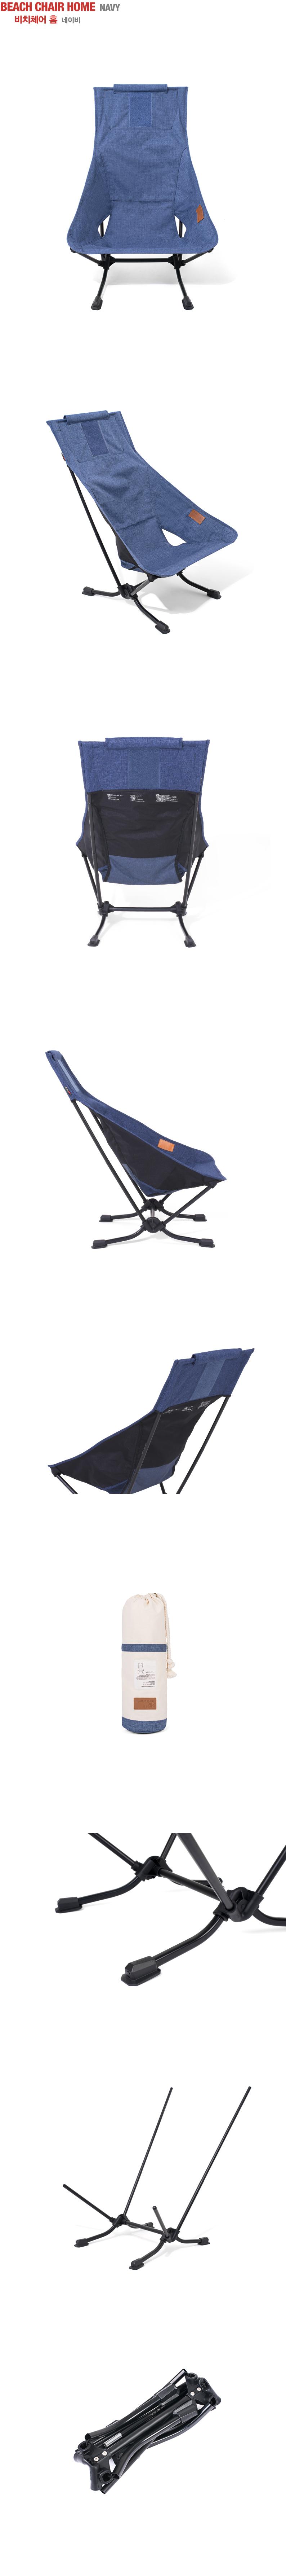 20170613-beach-chair-home-navy-상세페이지.jpg